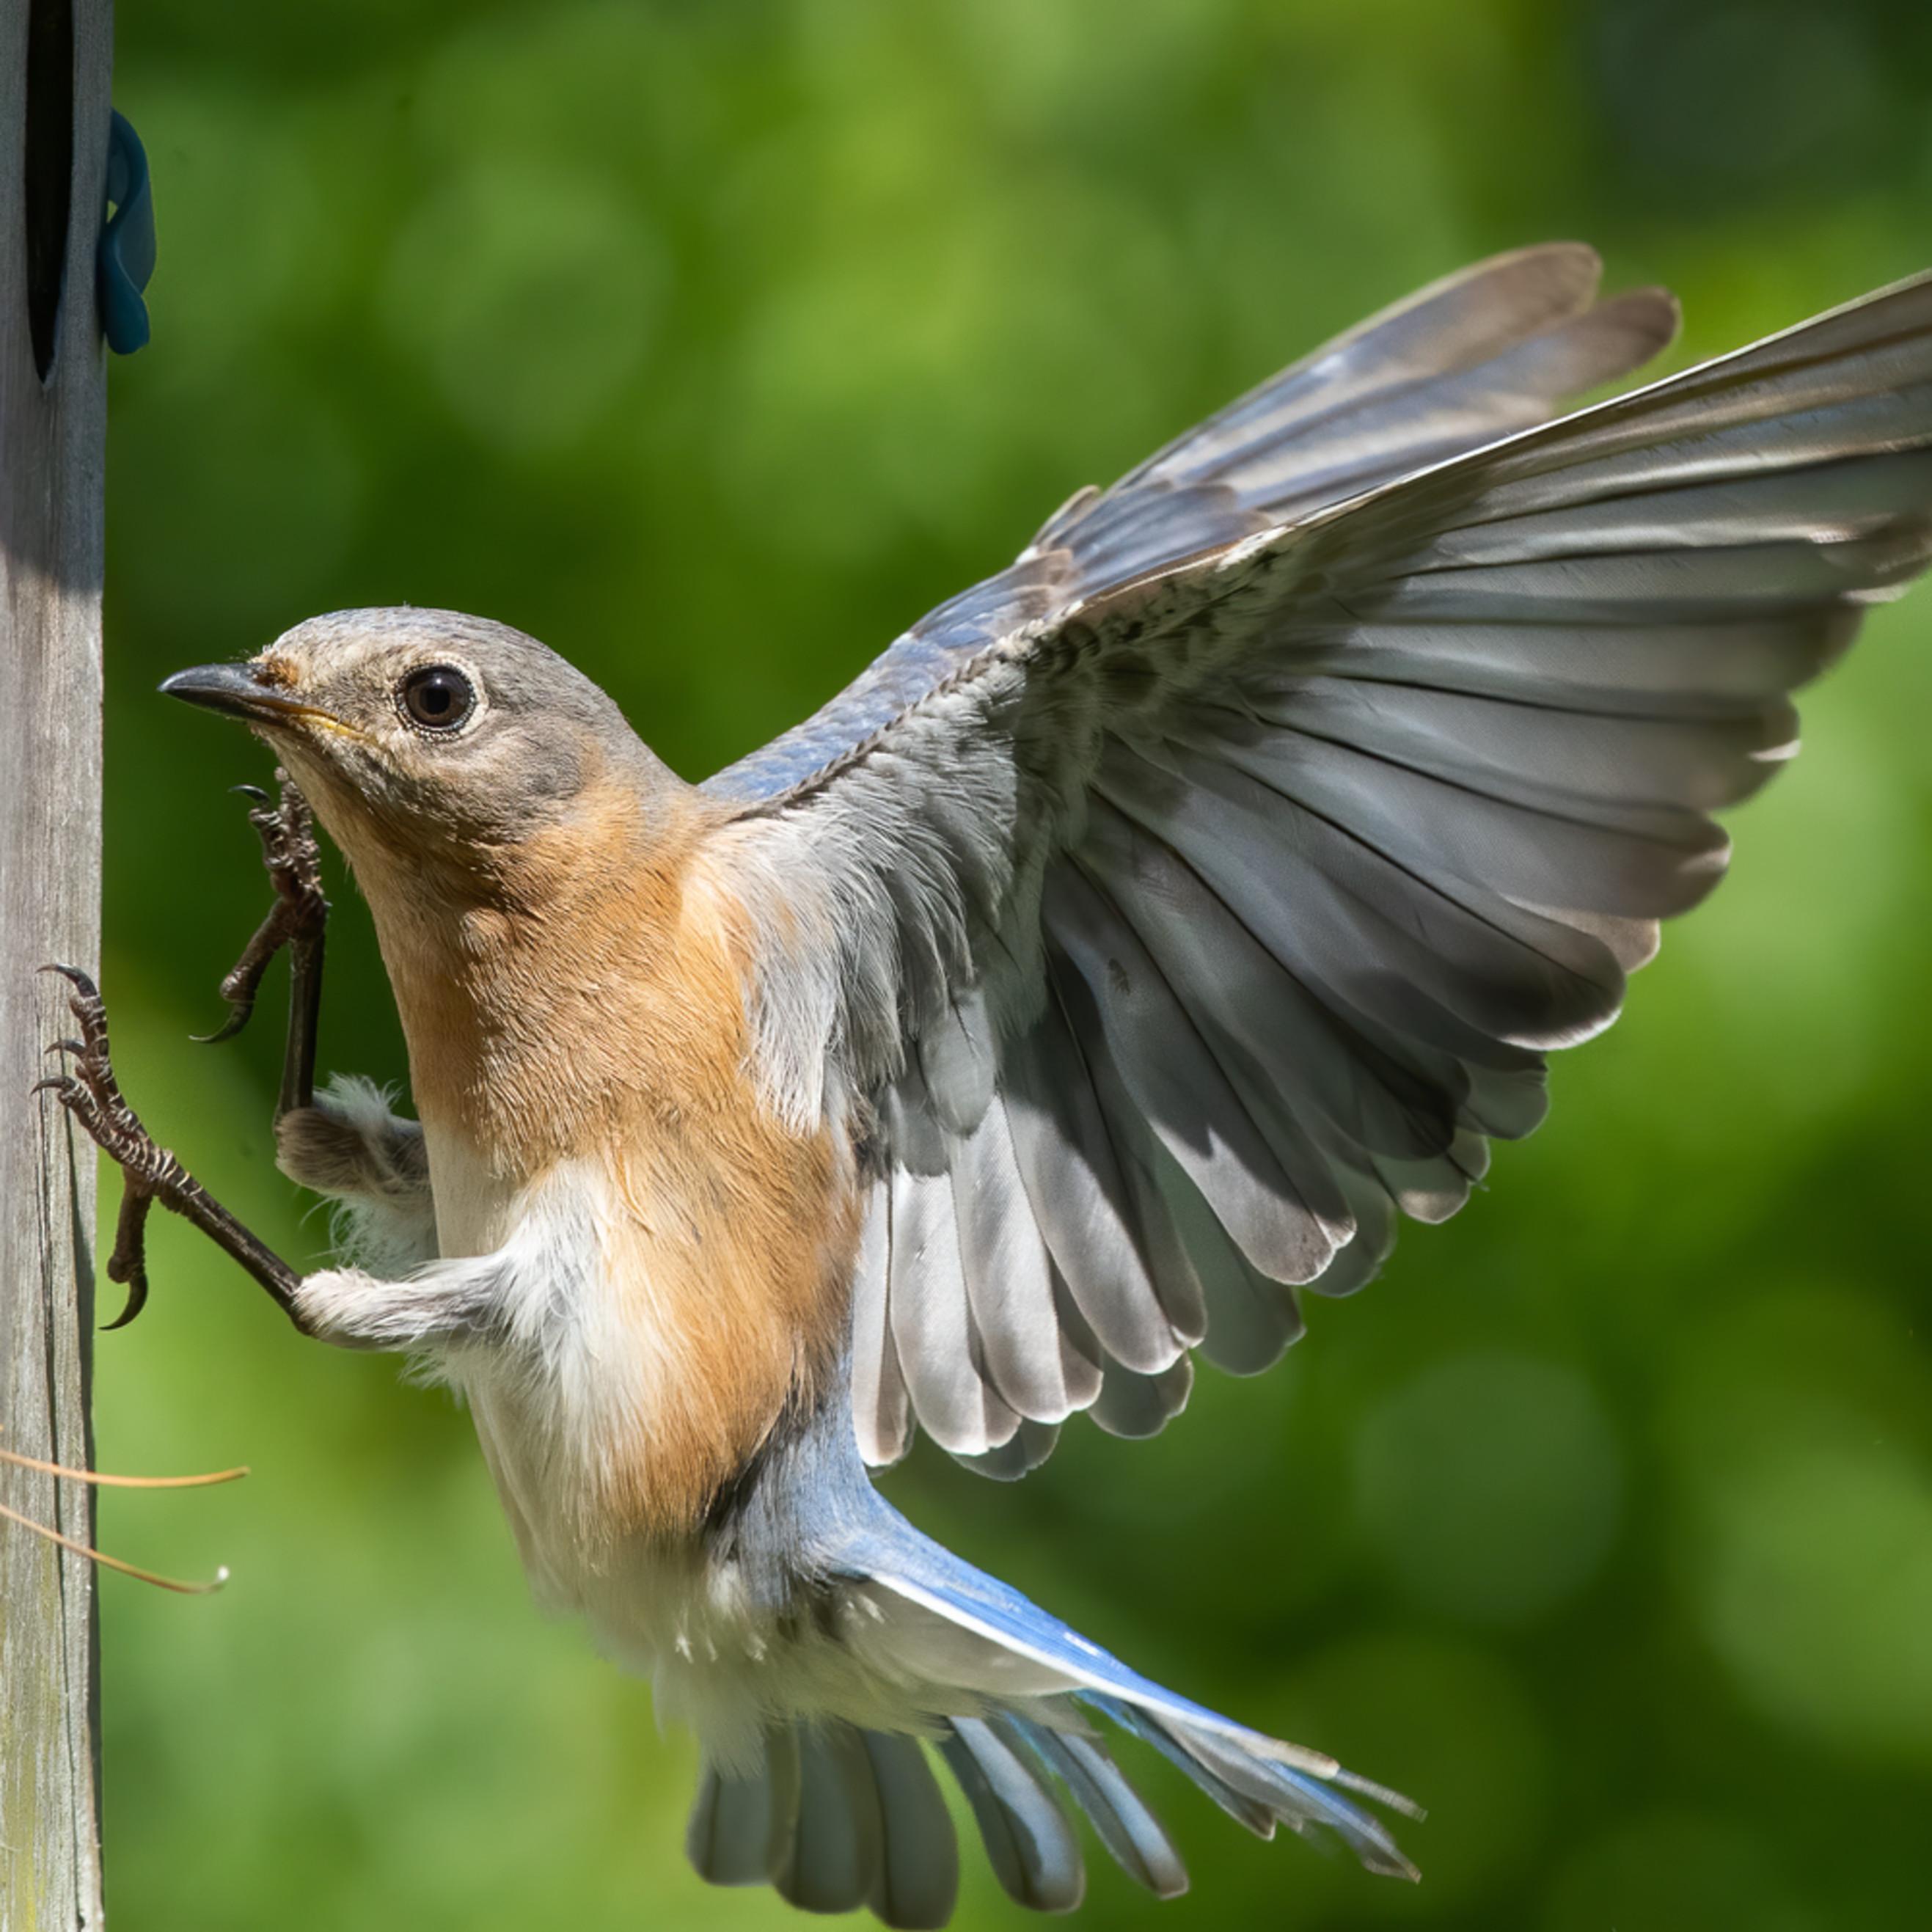 Forsyth county nc bluebird female cuda lnoq5l